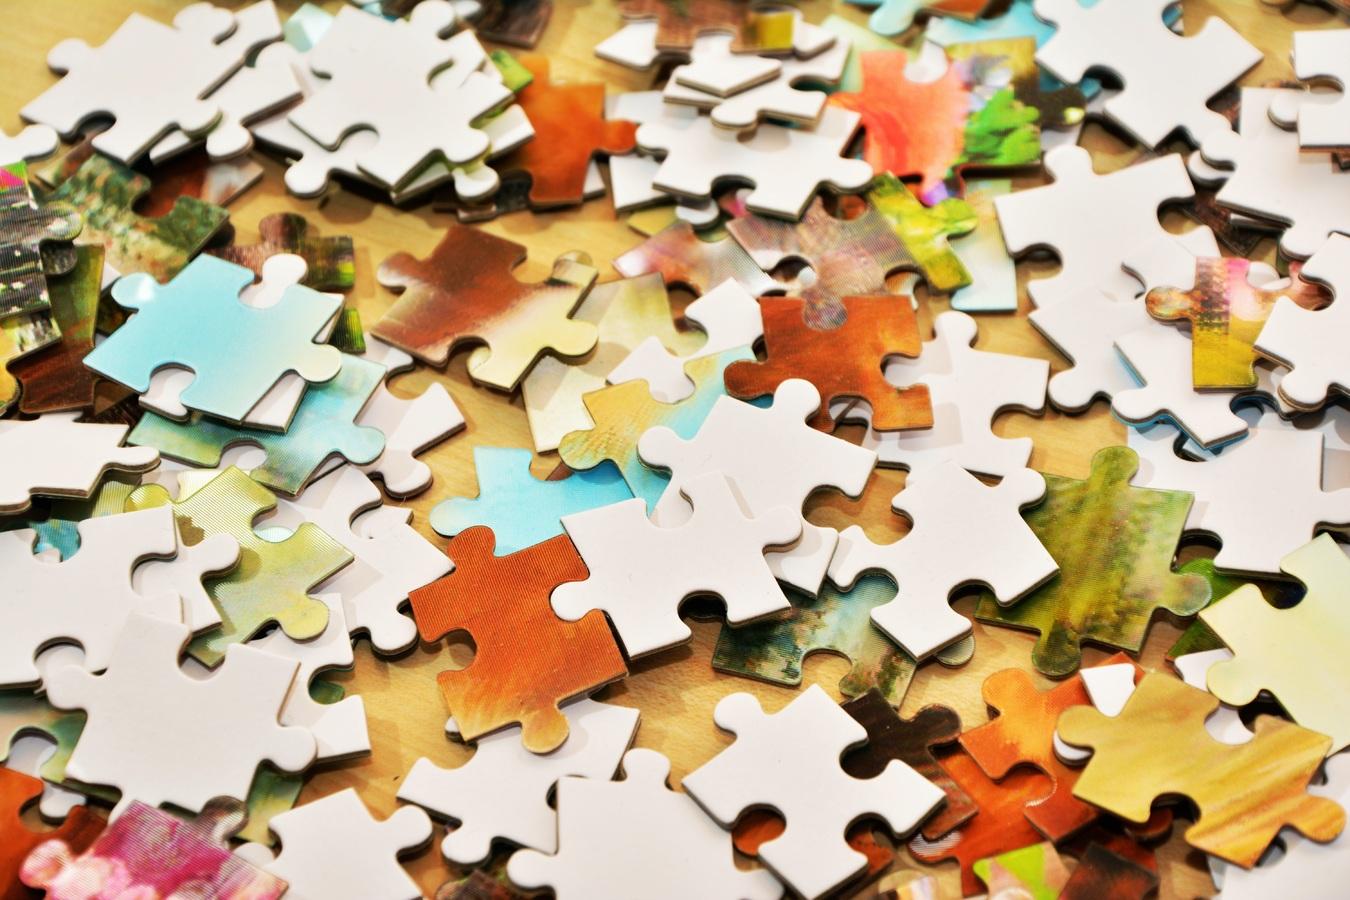 Dumped Out Puzzle Pieces